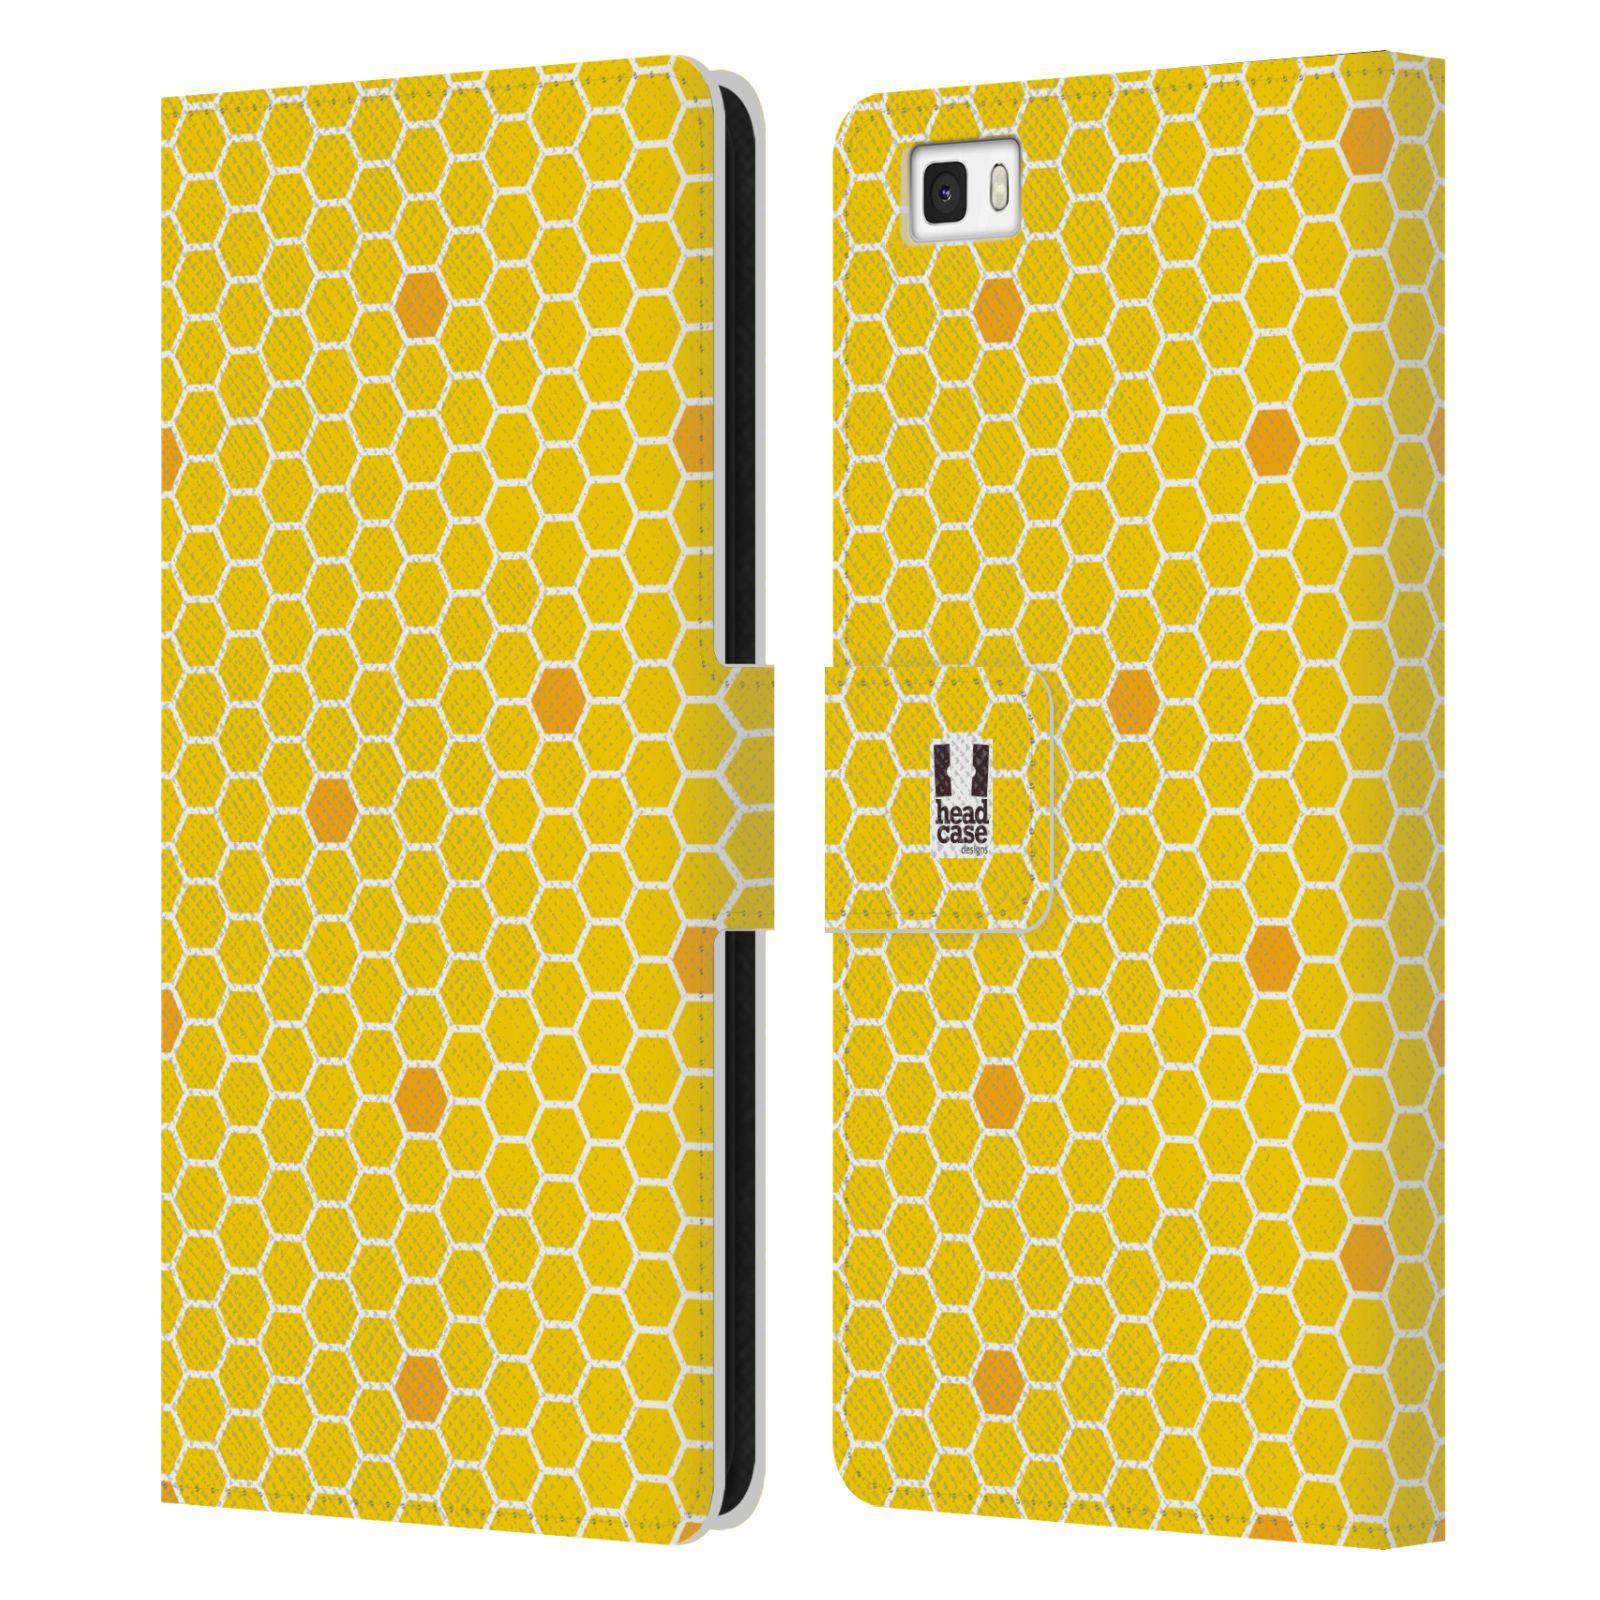 HEAD CASE Flipové pouzdro pro mobil Huawei P8 LITE VČELÍ VZOR plástev žlutá